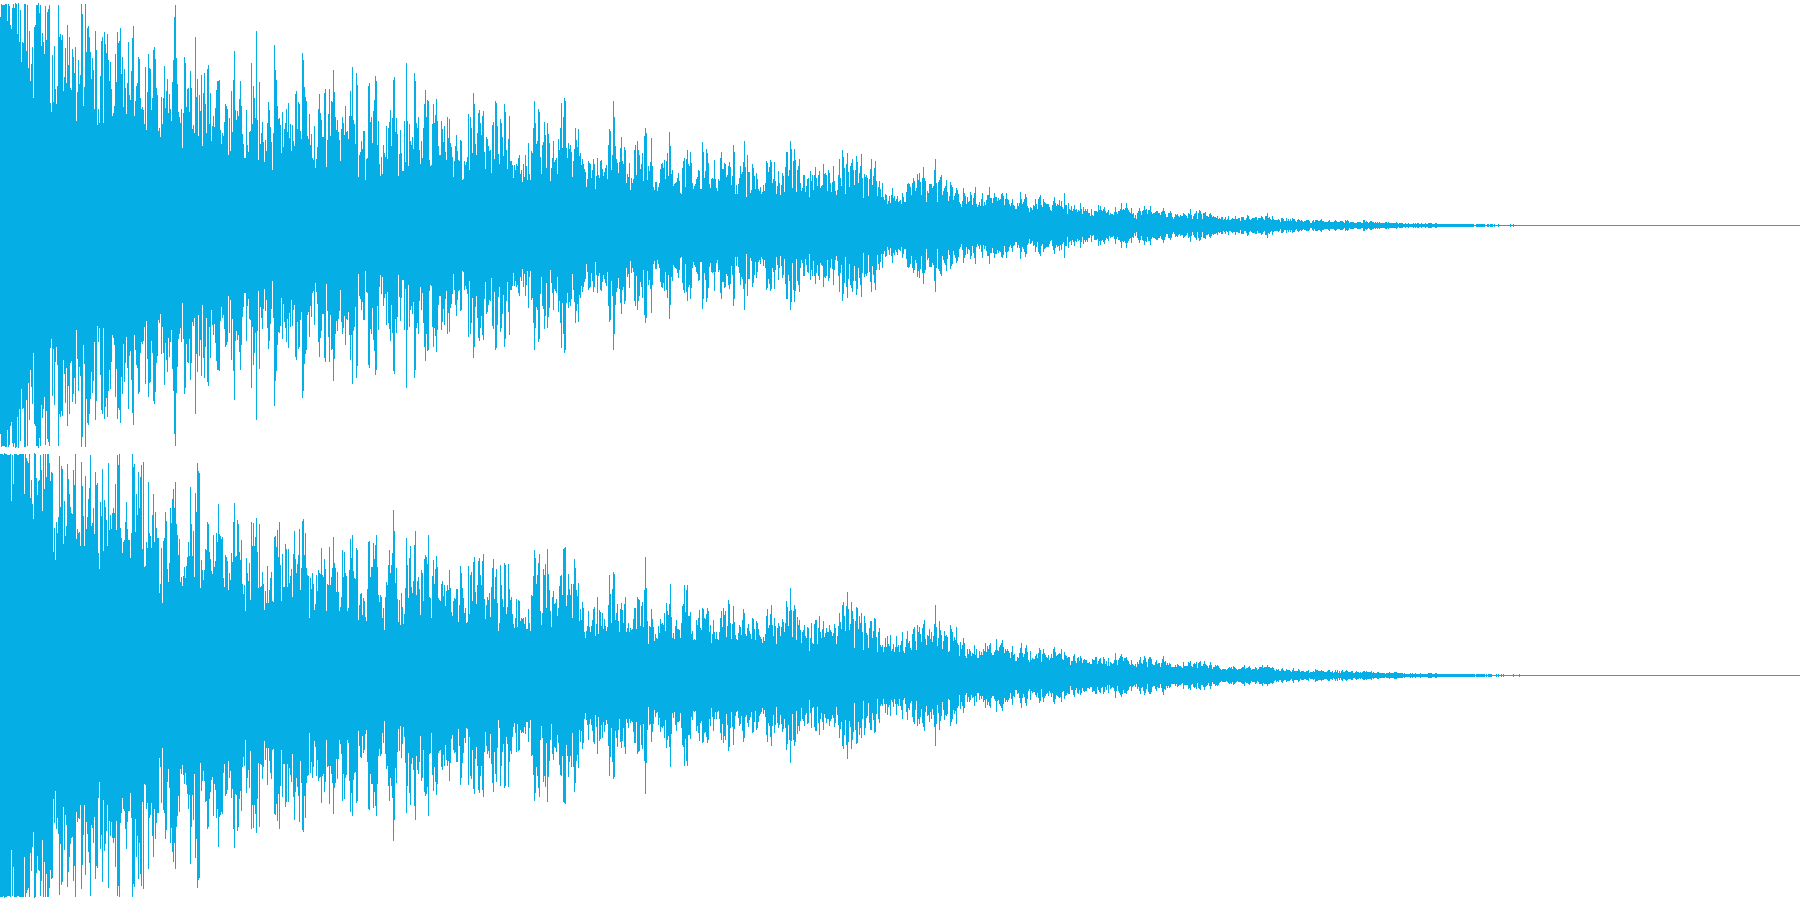 爆発 ドカーン ドーン 衝撃 バーンの再生済みの波形